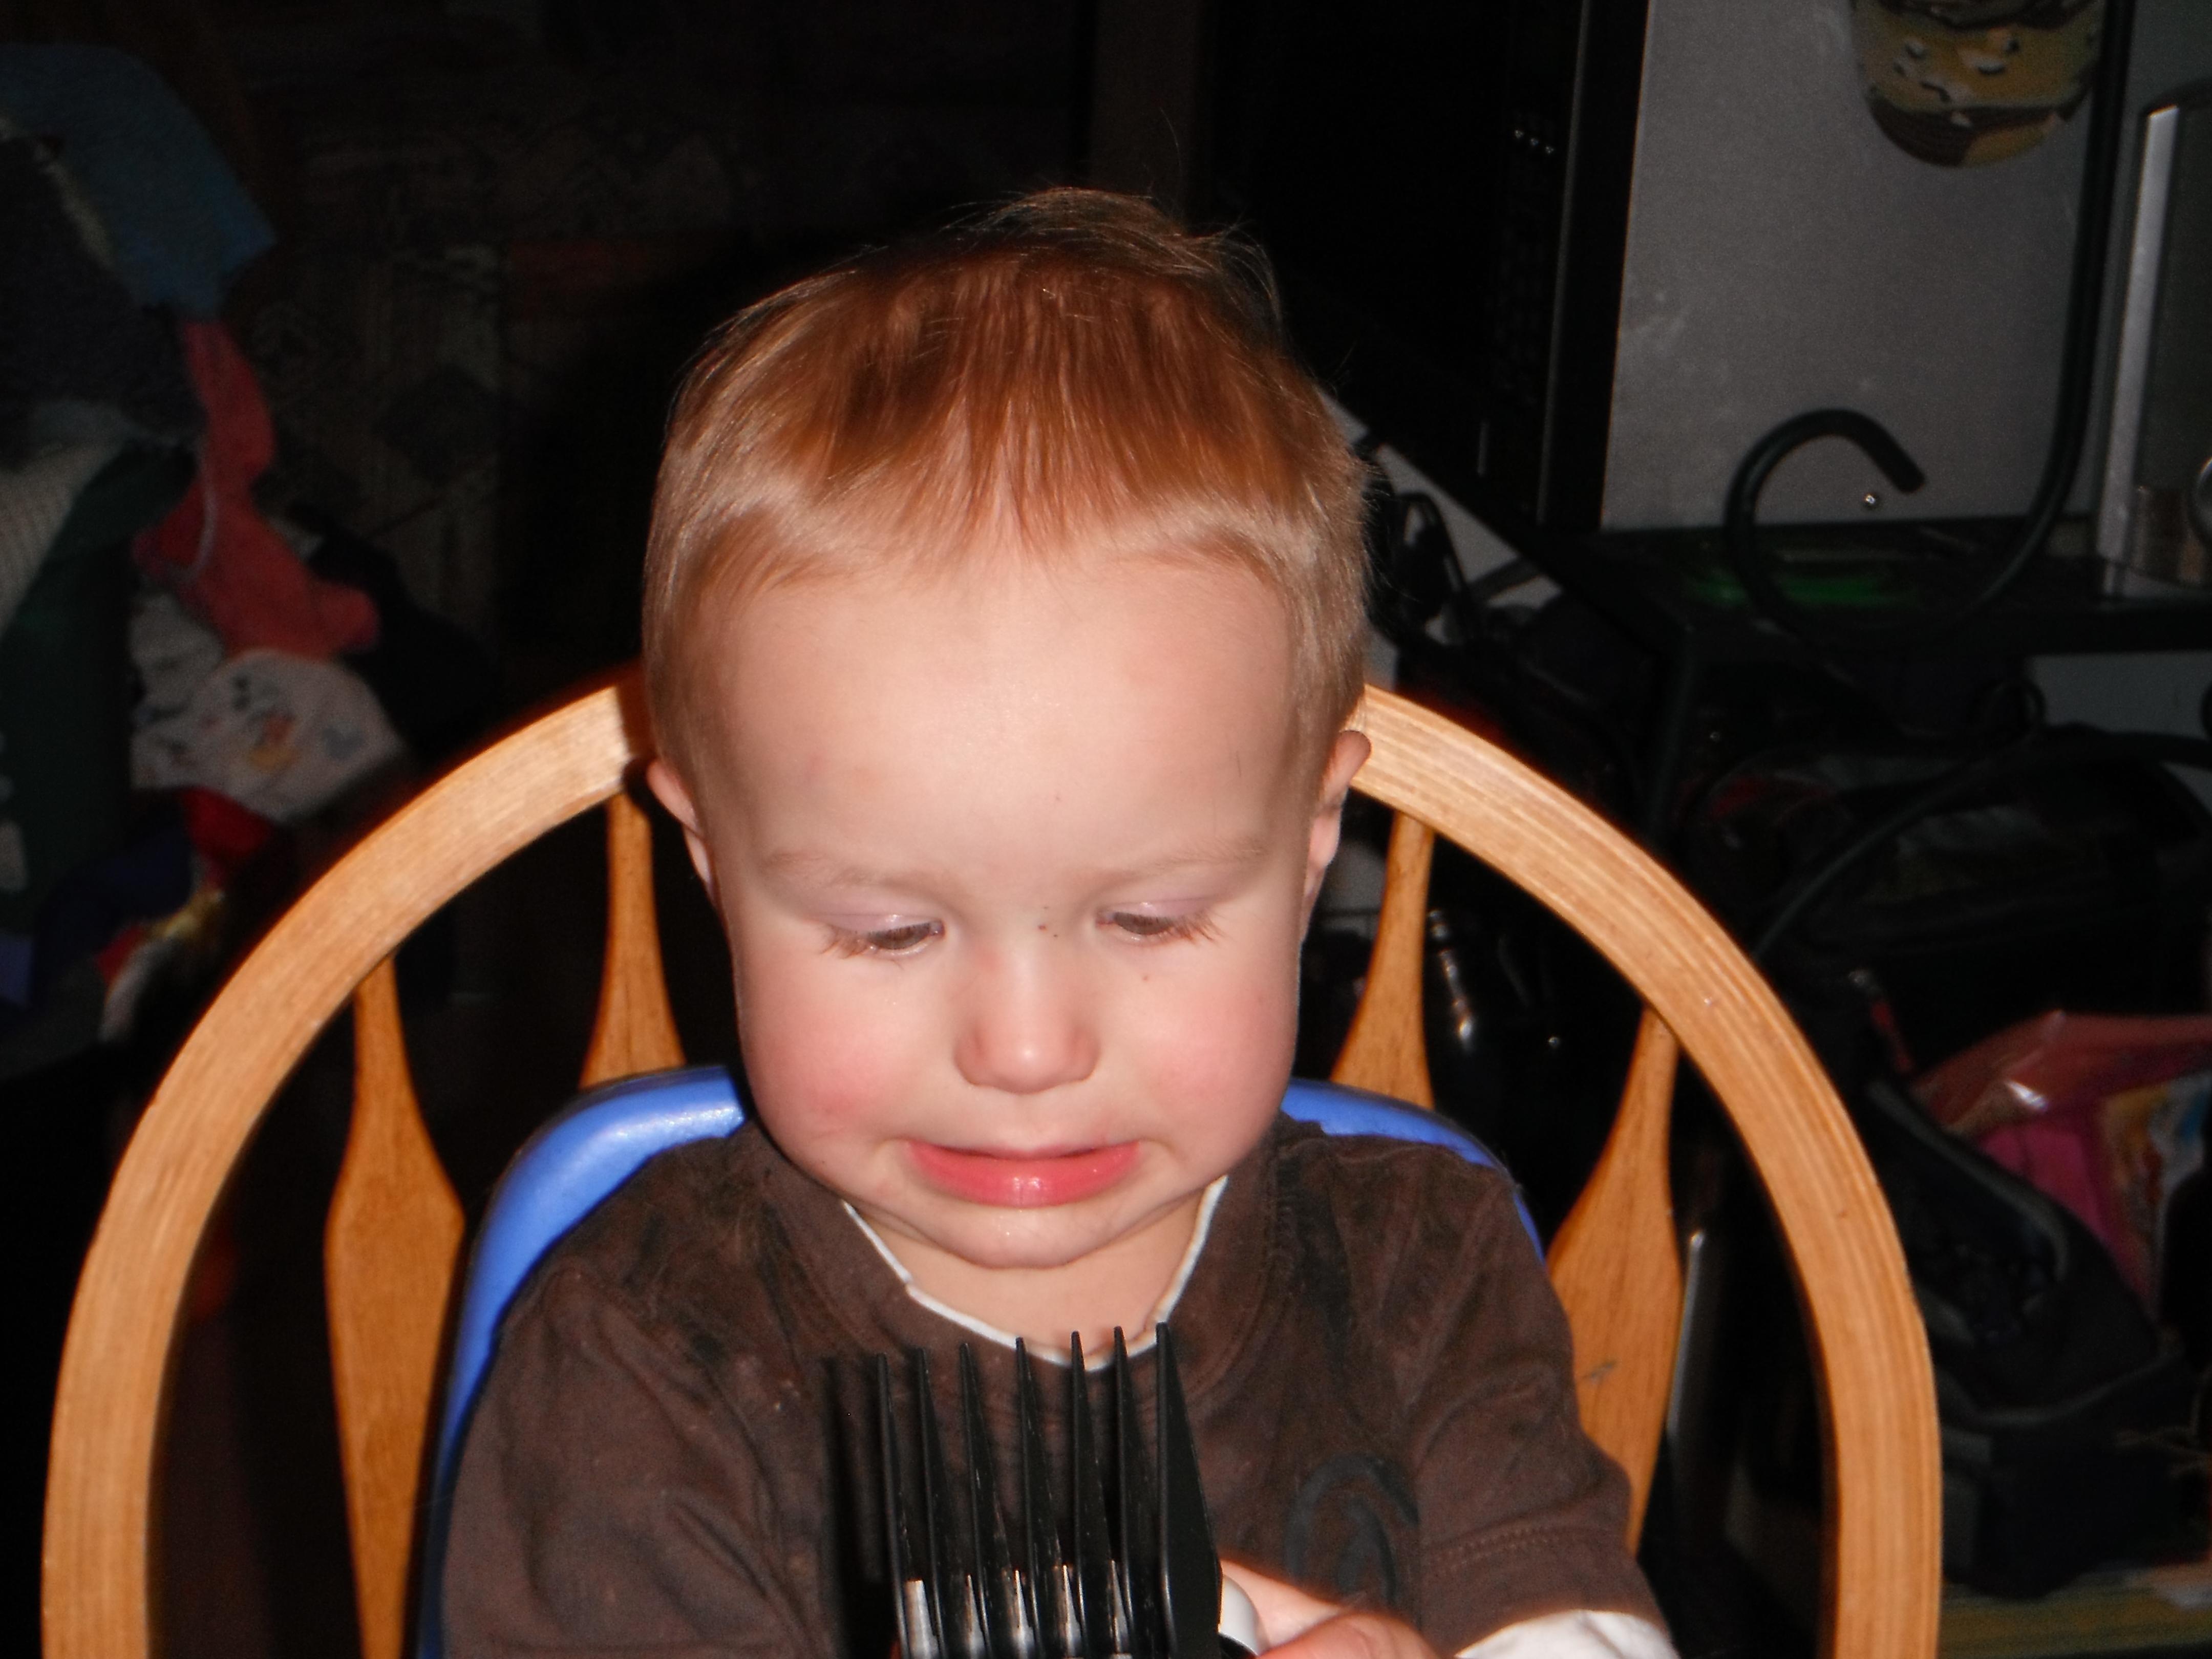 Tristan short hair